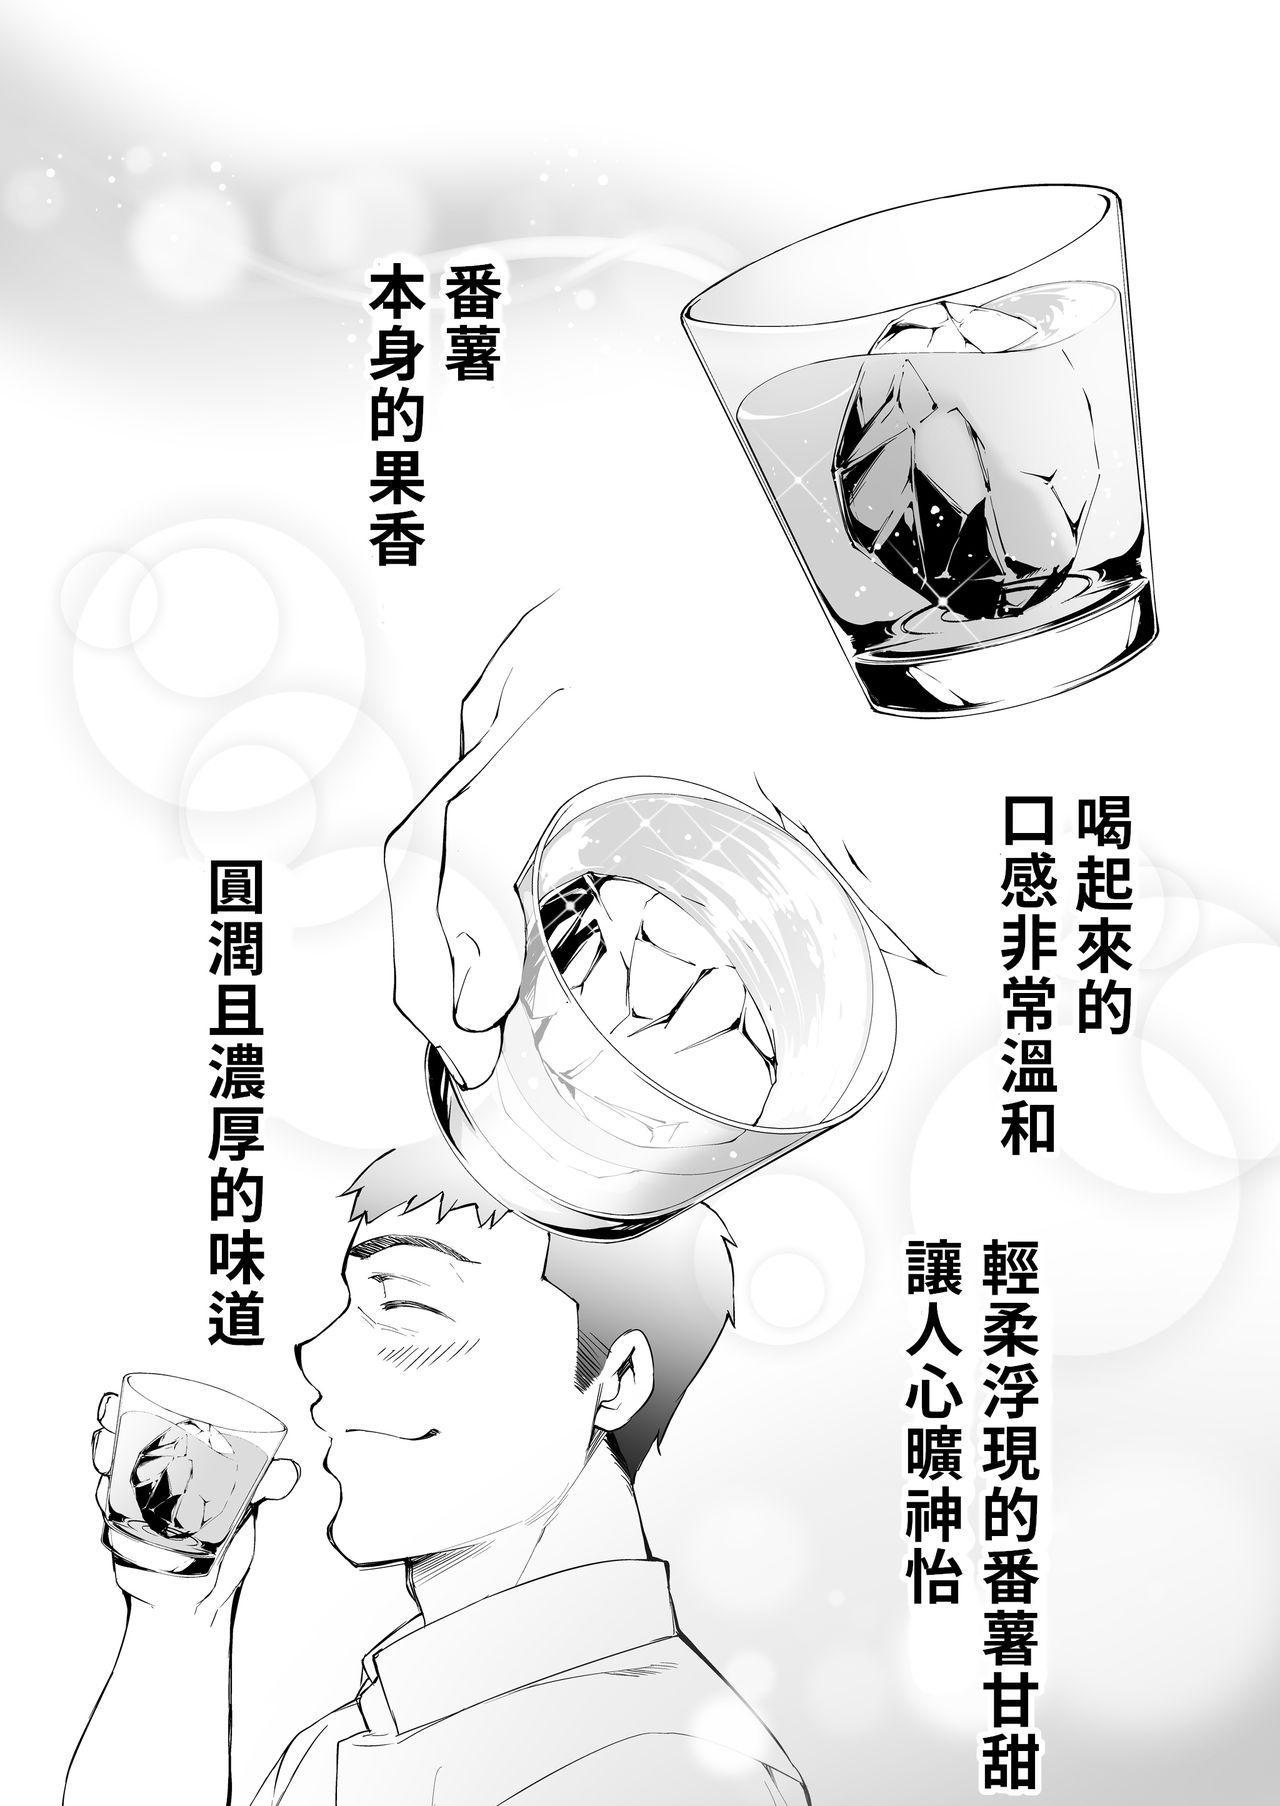 Panpan Travelers Hakata Shuudan Rape Ryokou | 吃飯兼炒飯TRAVELERS~博多集團強●旅行 27